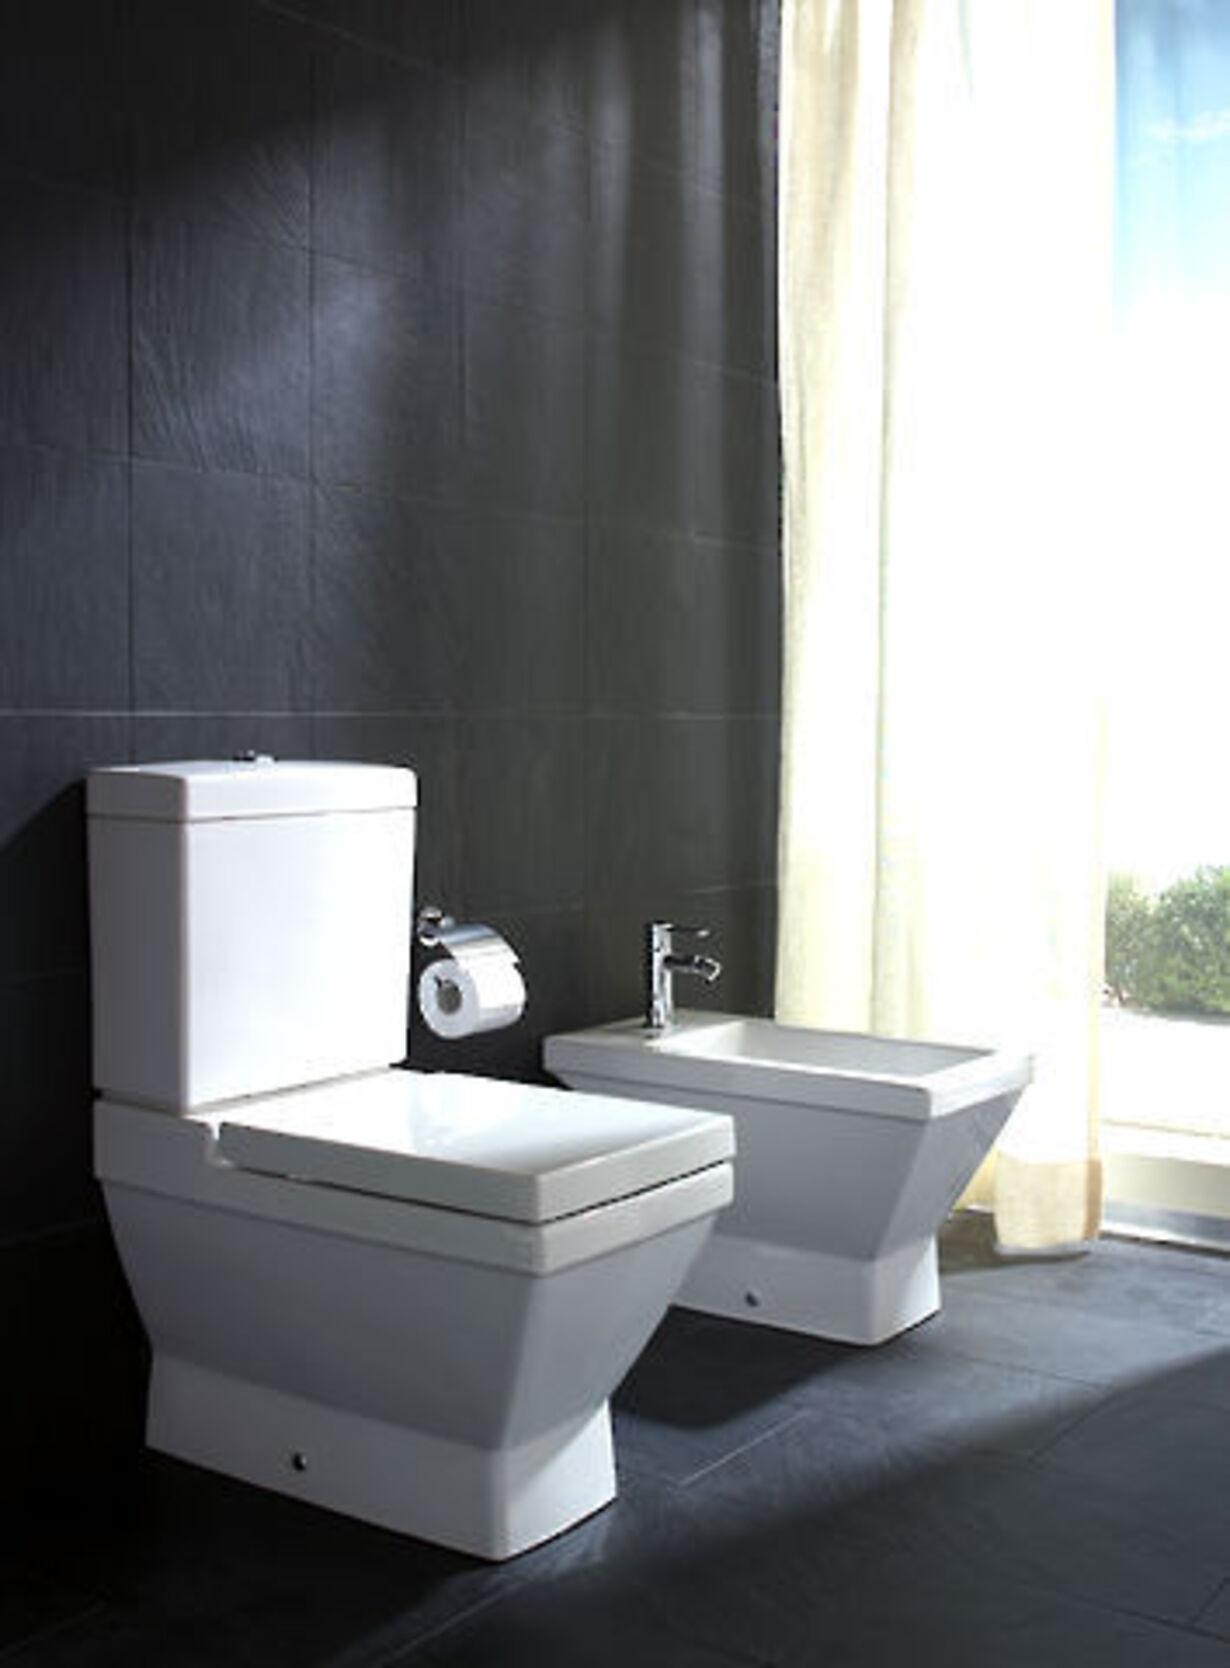 Toilet til tiden - 2